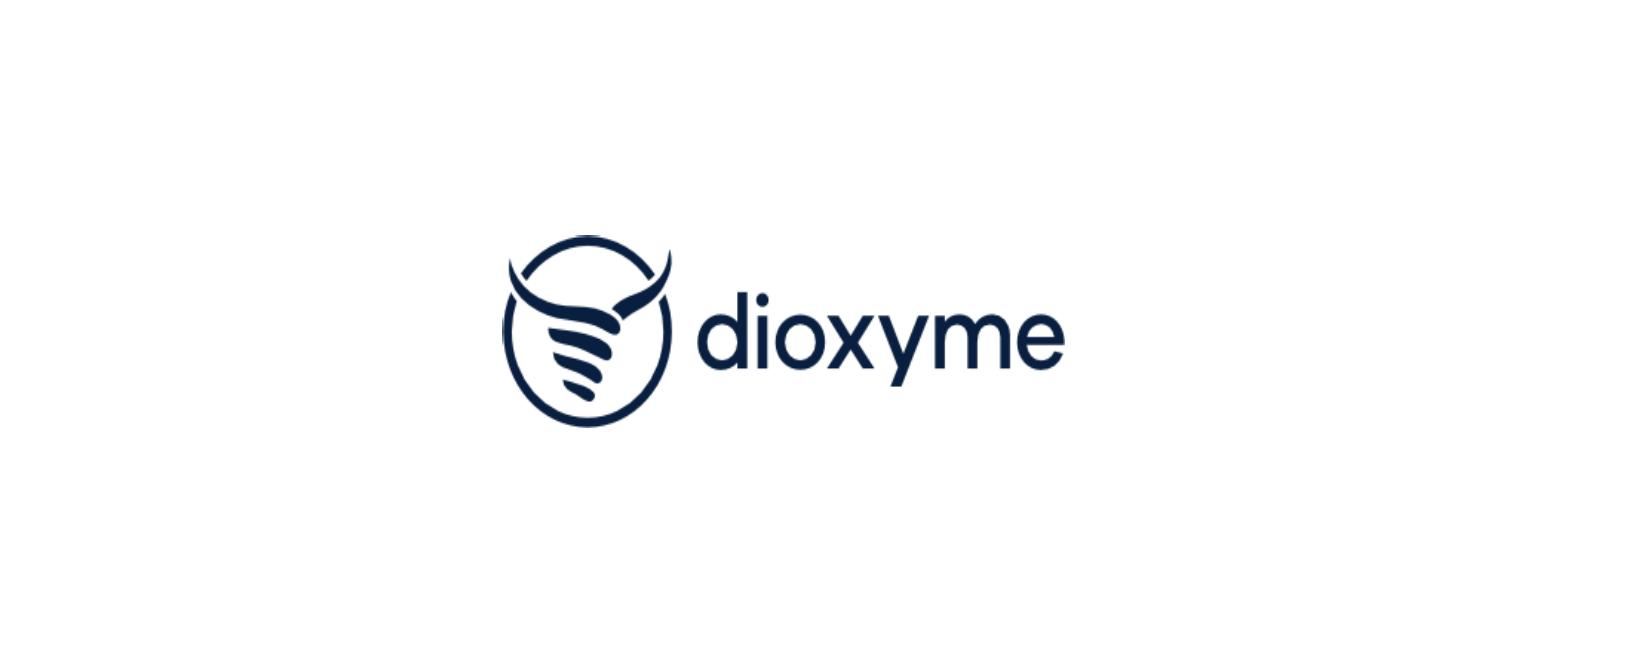 Dioxyme Coupon Code 2021